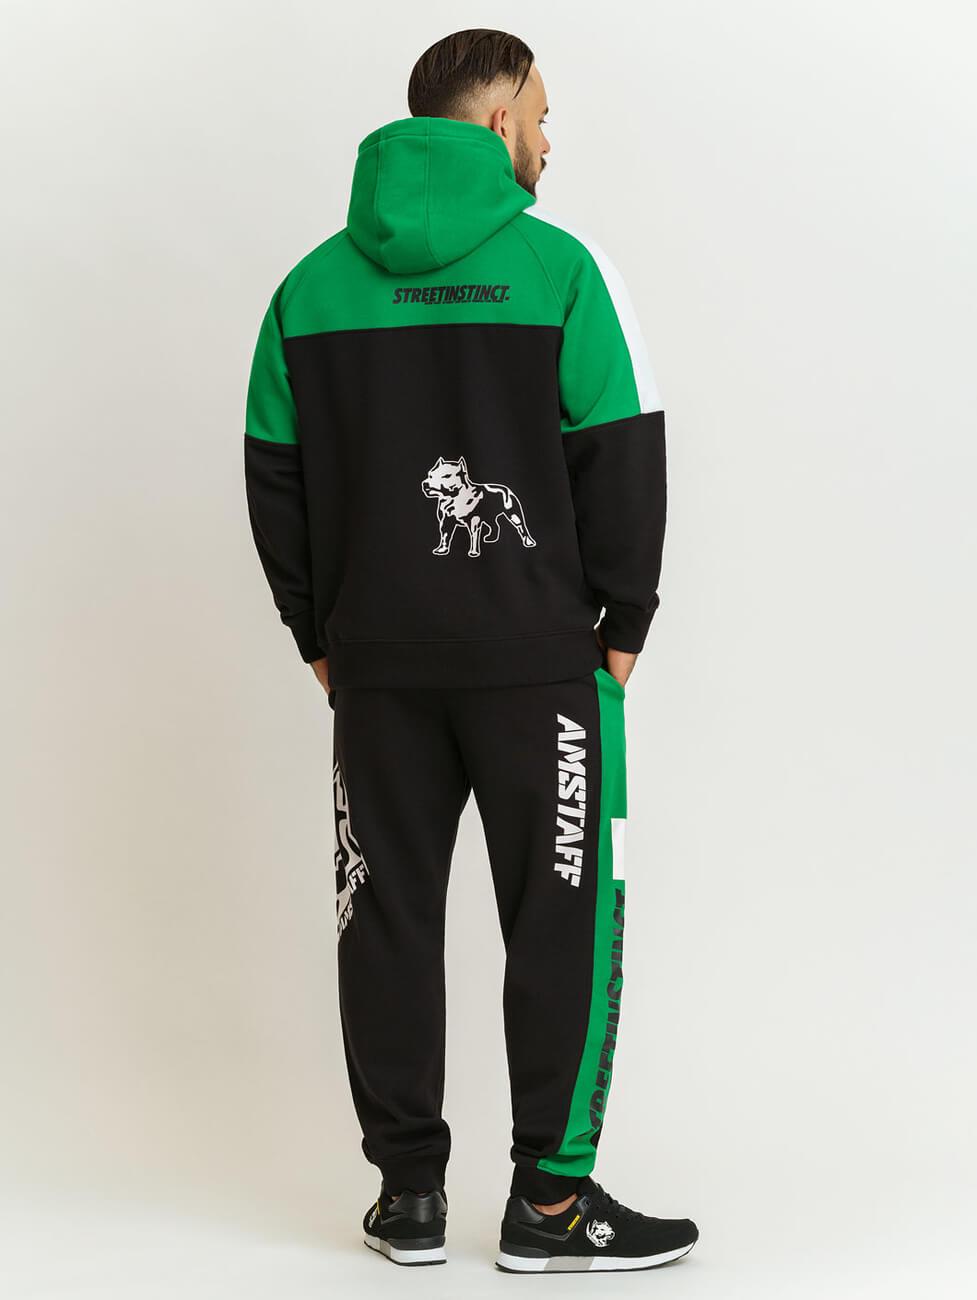 Зеленый с черным спортивный костюм с полосками по бокам